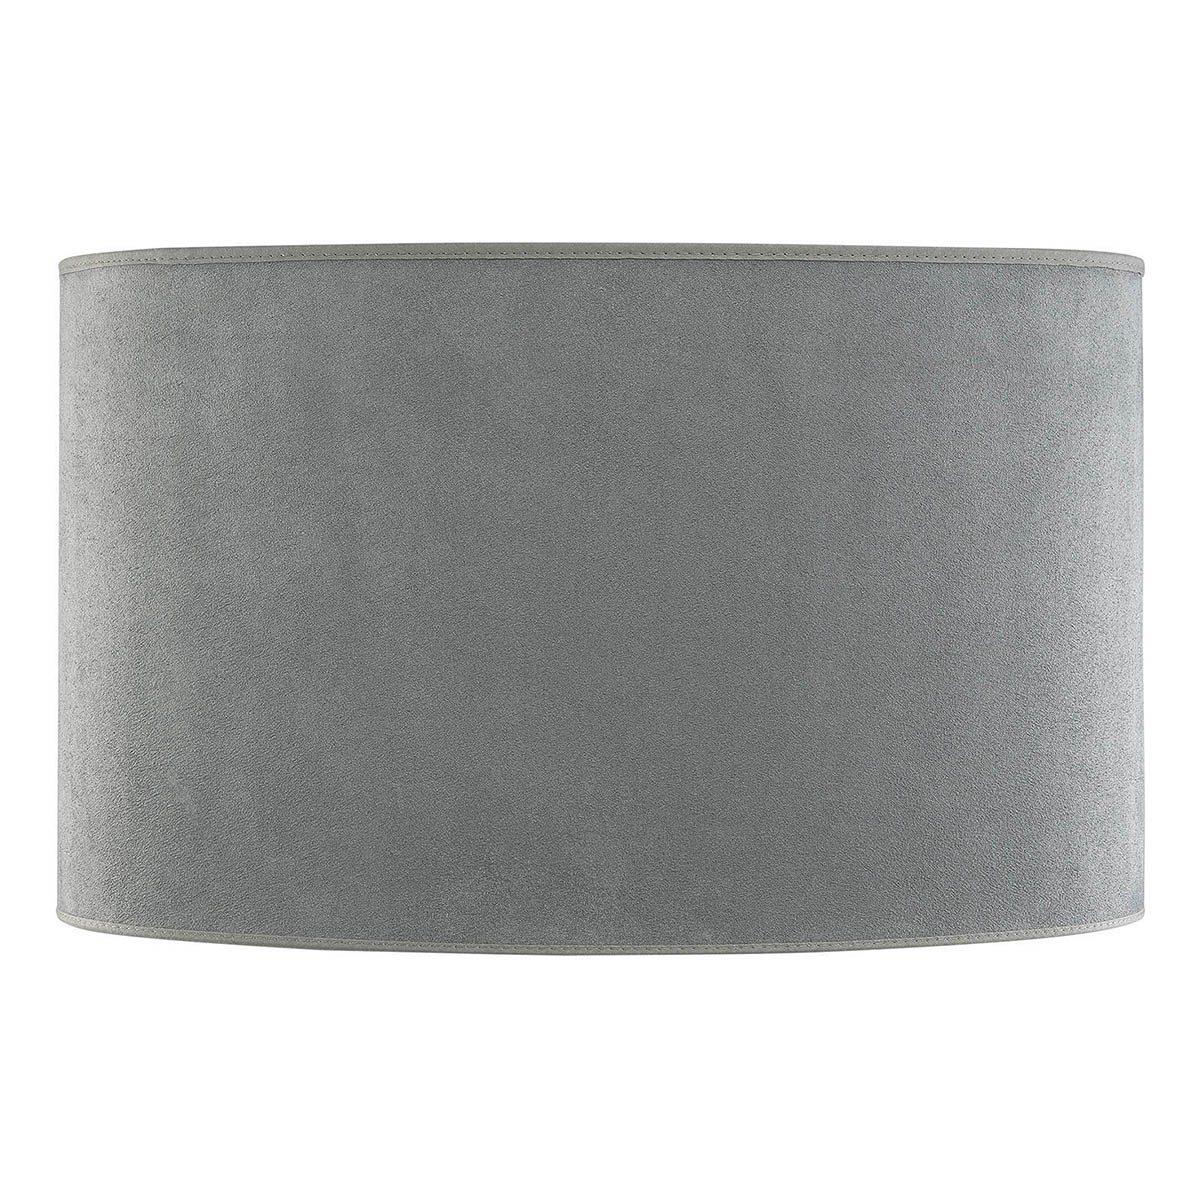 Magnum aqua lampskärm från Artwood i storleken 45x27 cm.